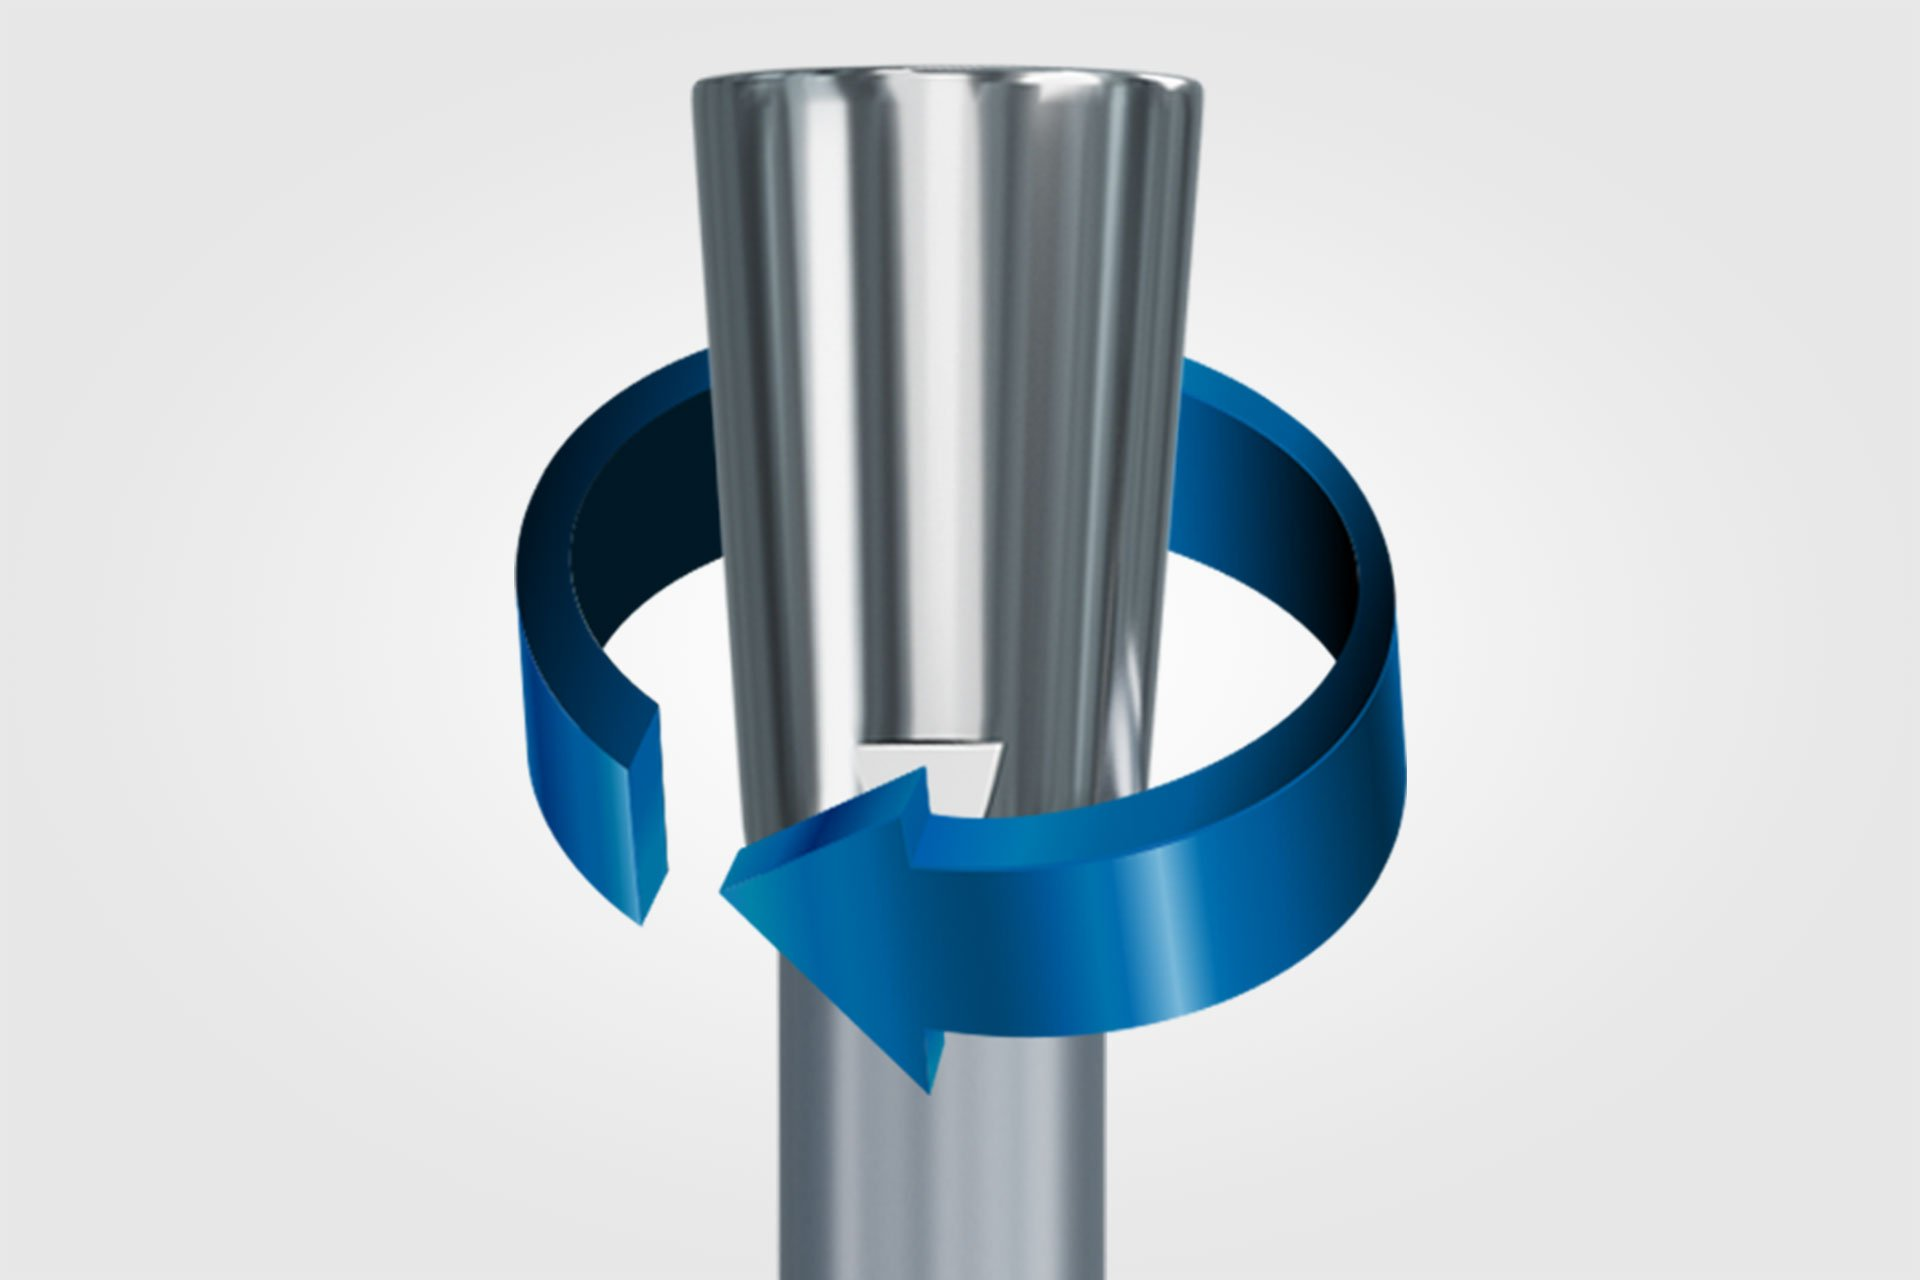 Prisma Brauseschlauch Kunststoff 4 - PRISMA Brauseschlauch aus Kunststoff • Made In Germany